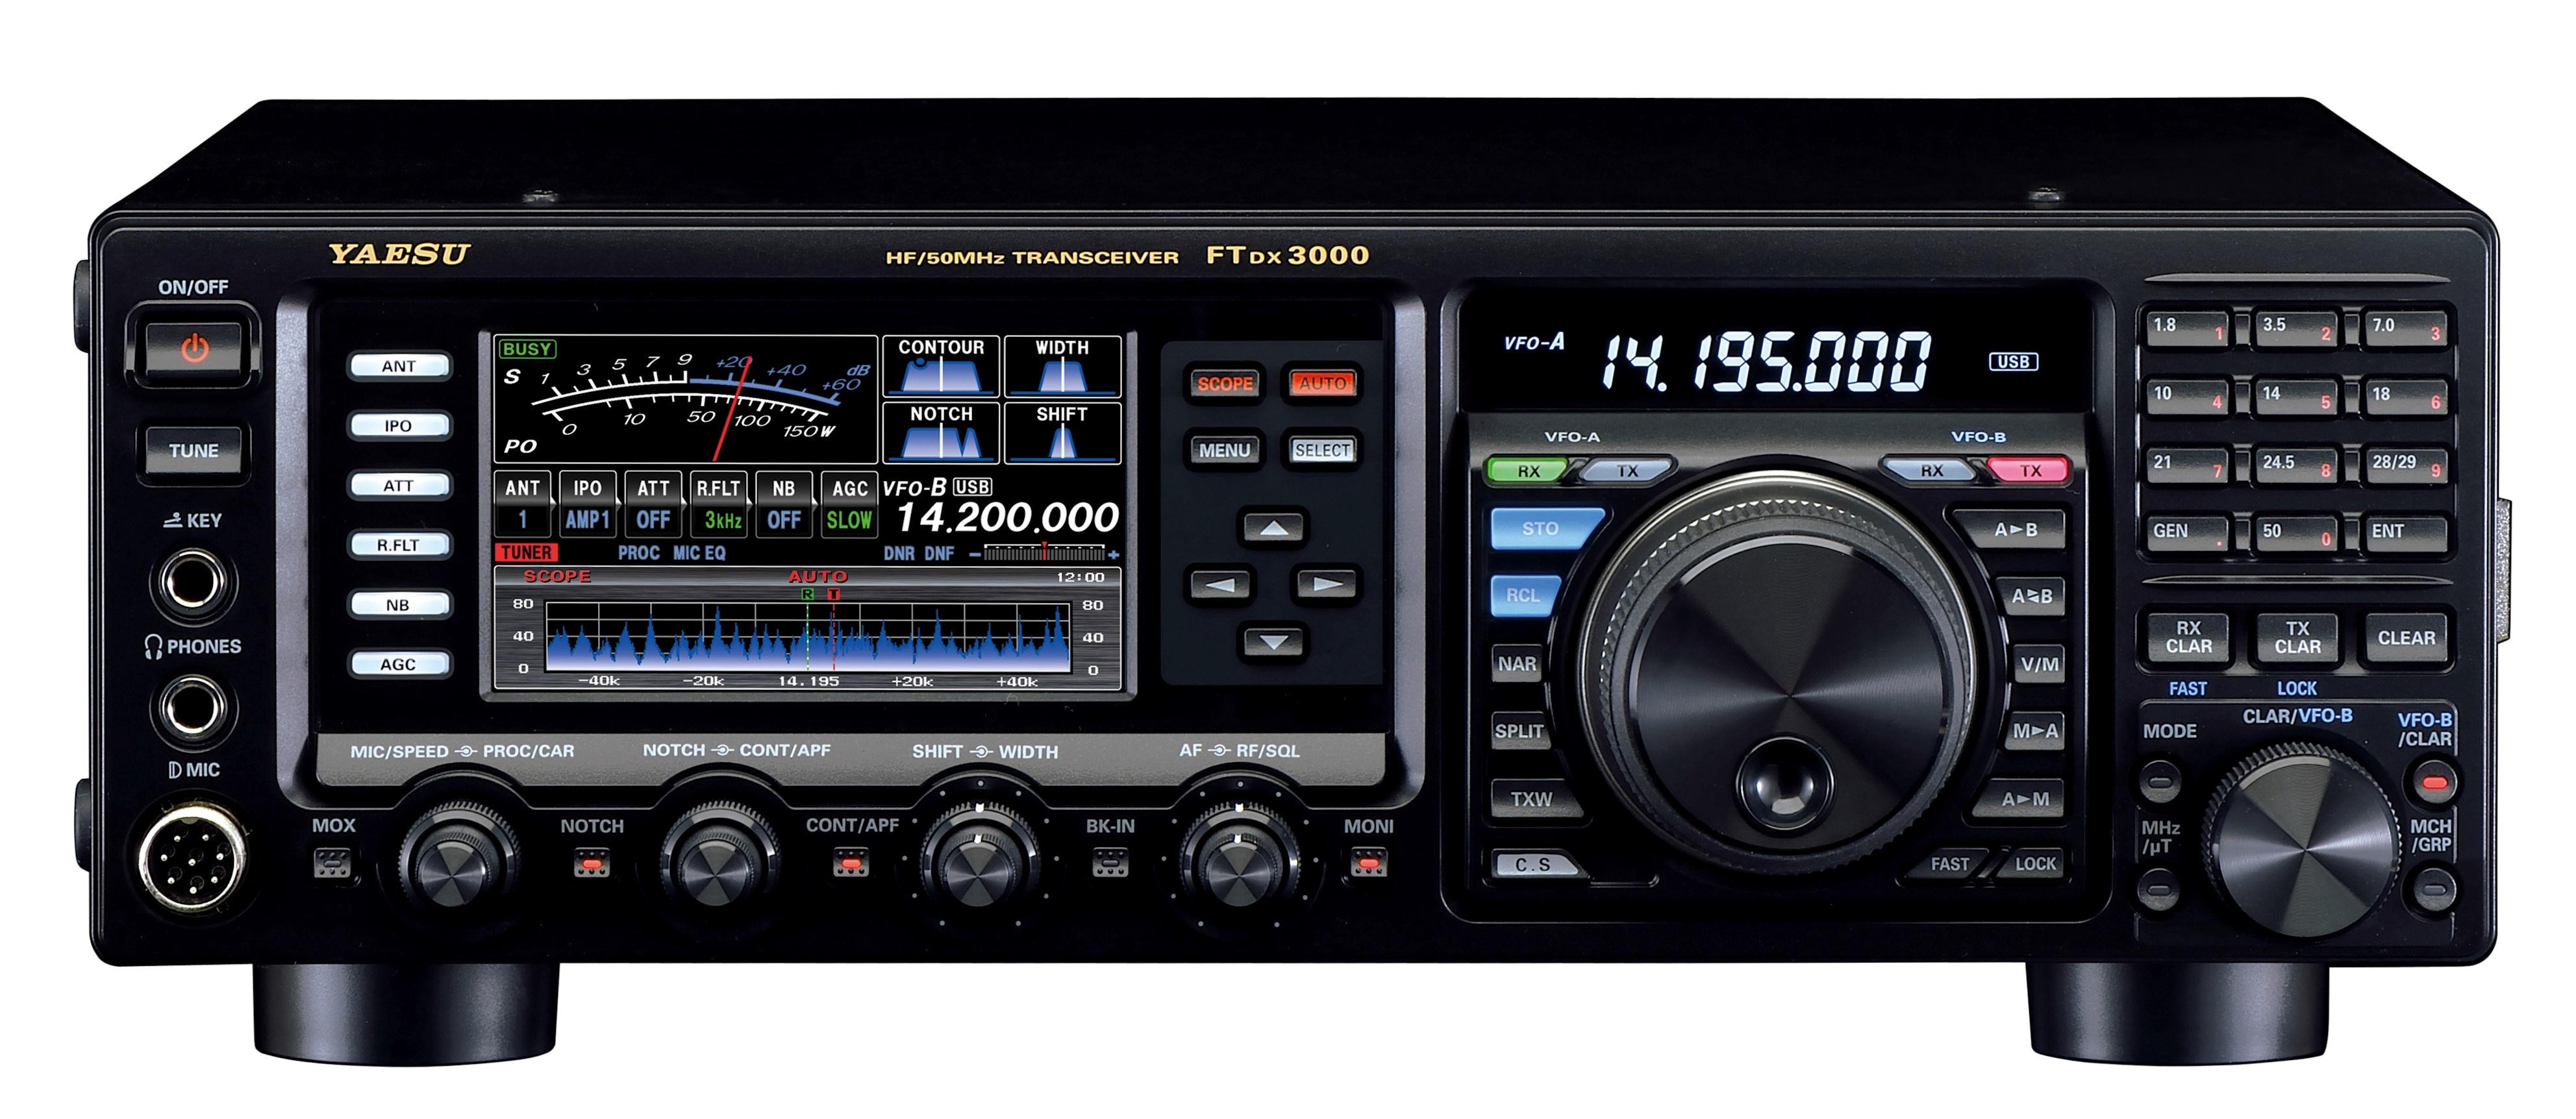 Yaesu Ft Dx3000d Amateurfunk 6m Band Amateurfunkgert Mit Kenwood Tk 840 940 941 Radio Interface Cable Description And Schematic Kurzwellen Amateurfunktransceiver Dsp Und 100 Watt Sendeleistung